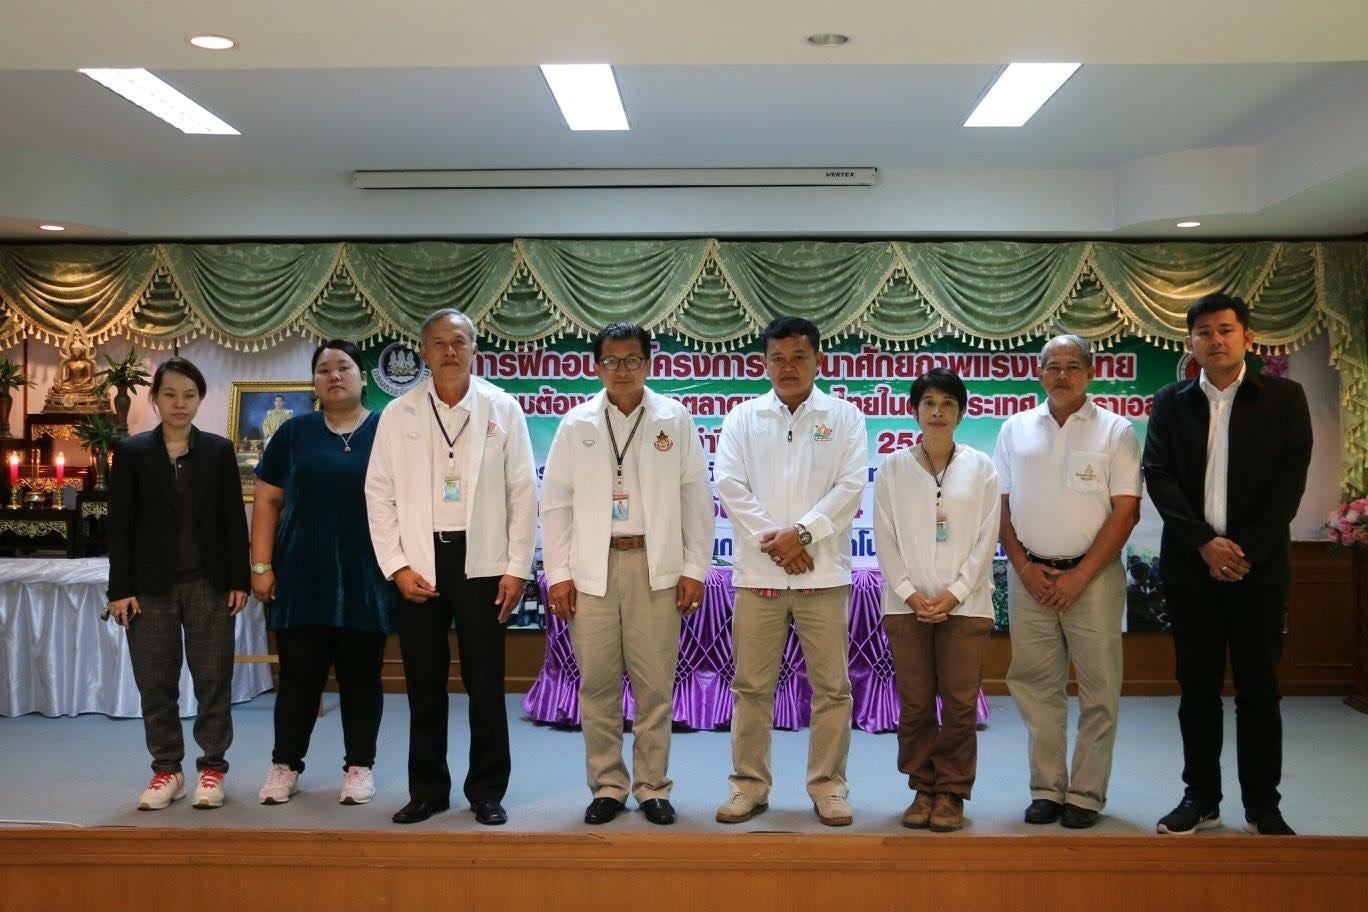 การฝึกอบรม โครงการพัฒนาศักยภาพแรงงานไทยตามความต้องการของตลาดแรงงานไทยในต่างประเทศ (อิสราเอล)